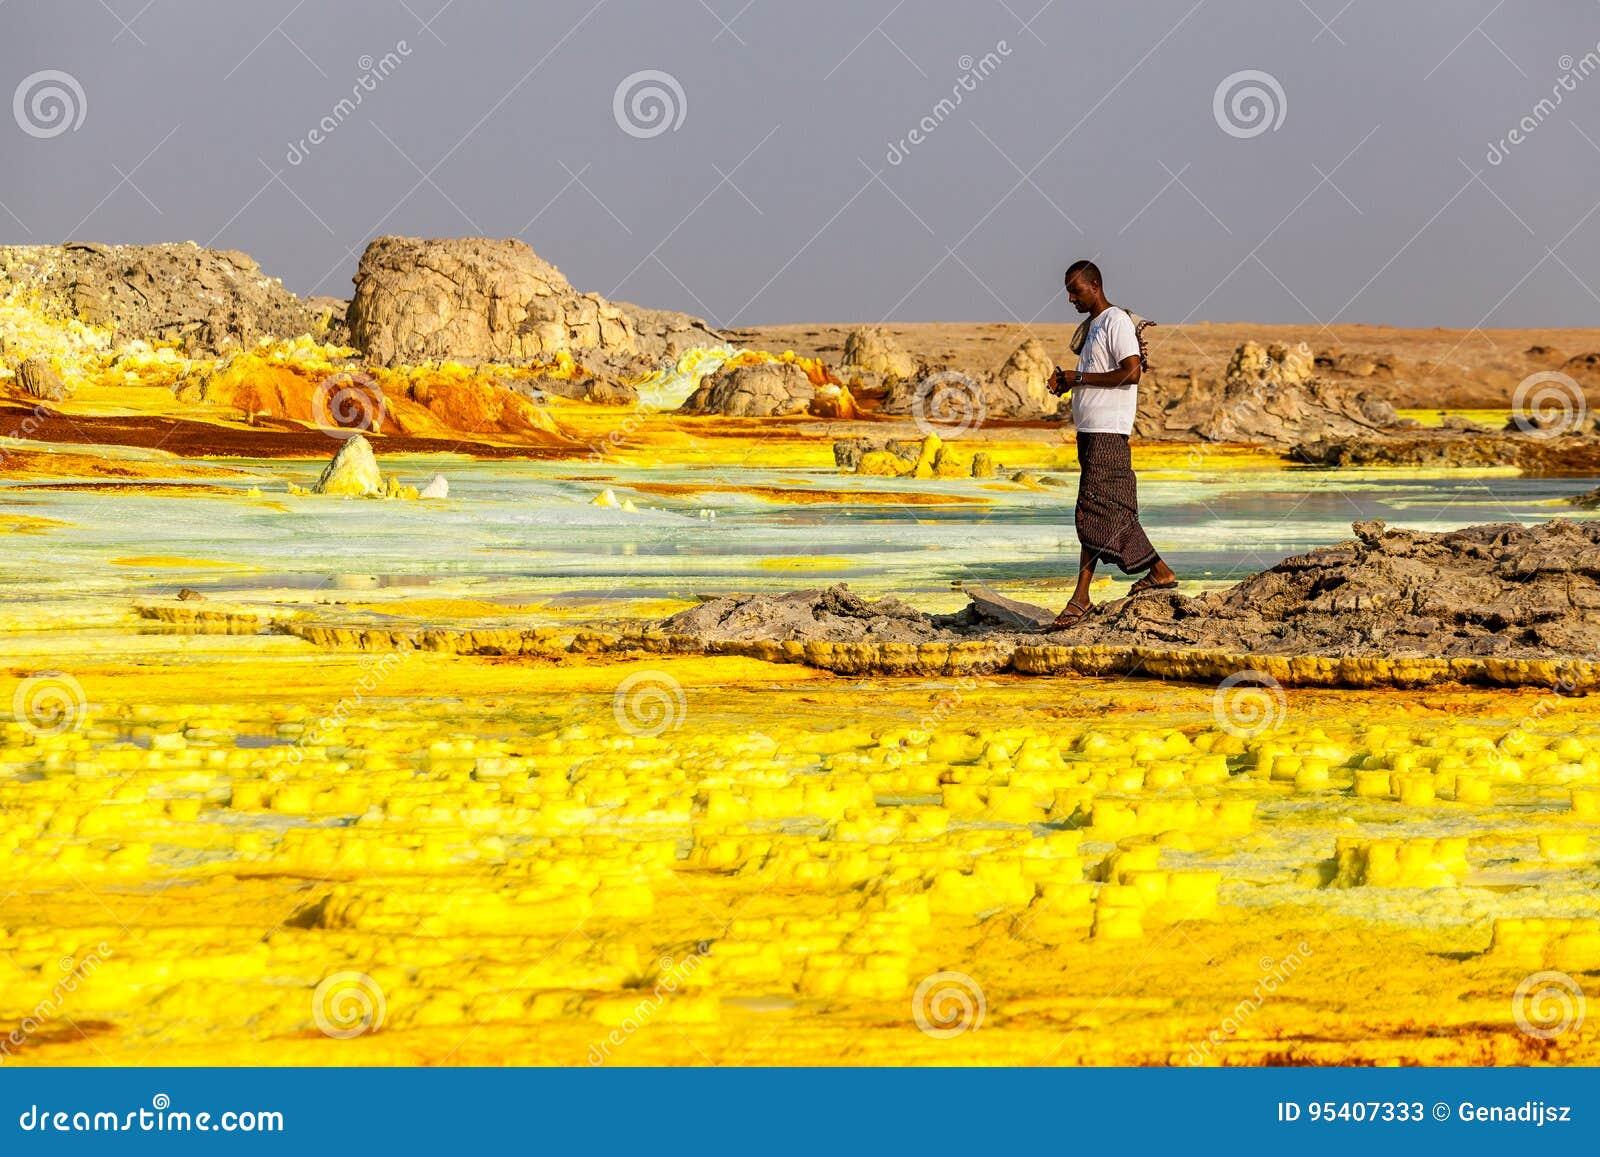 Ηφαίστειο Dallol, Αιθιοπία